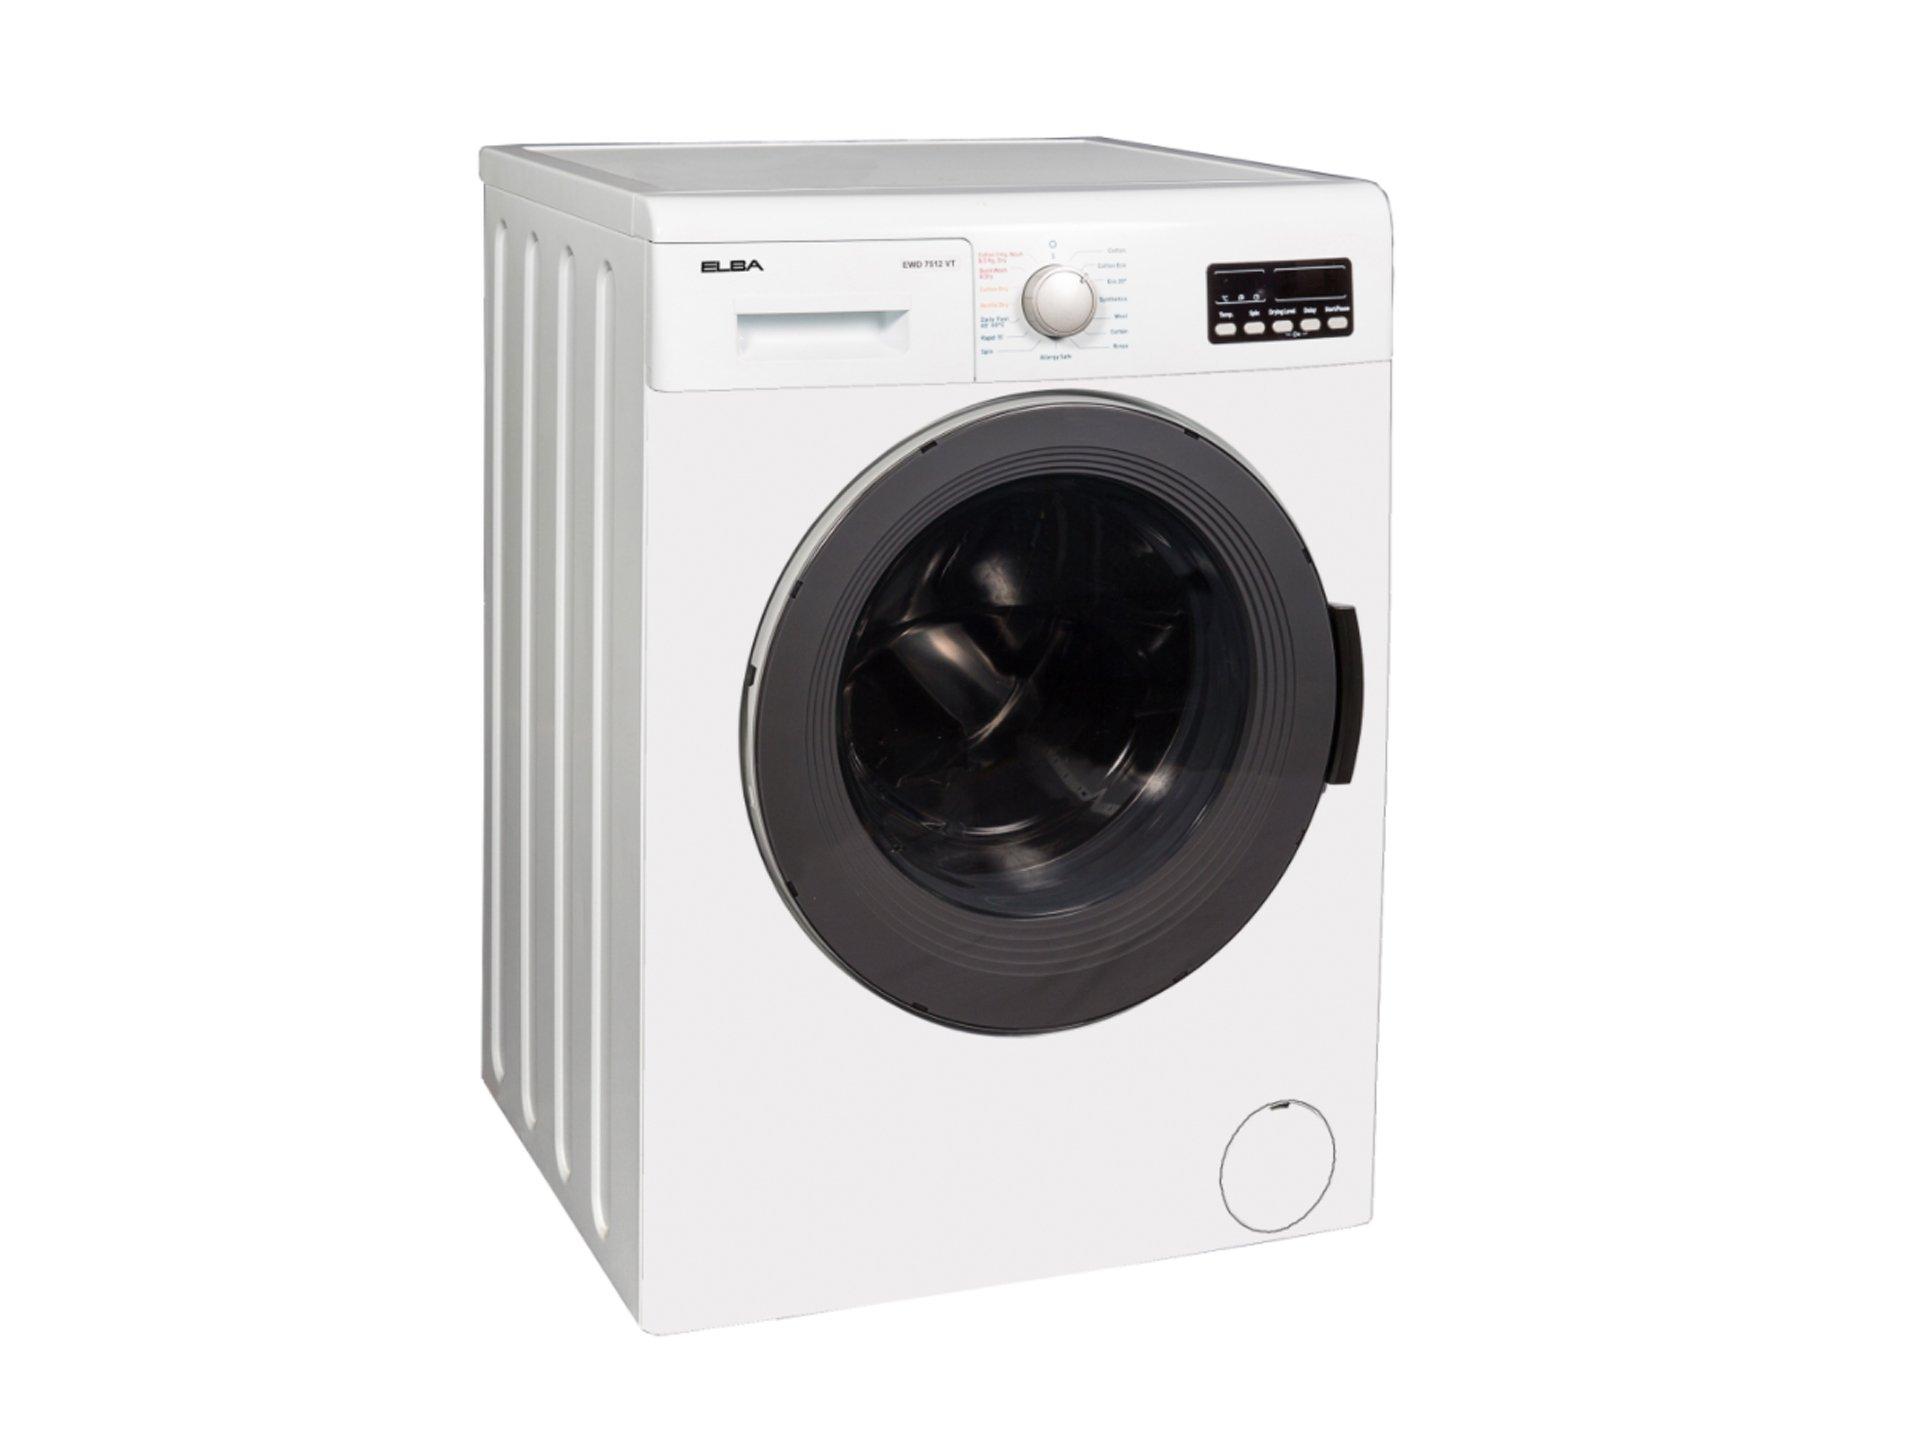 ELBA EWD 7512 VT 5.0KG Front Load Washer